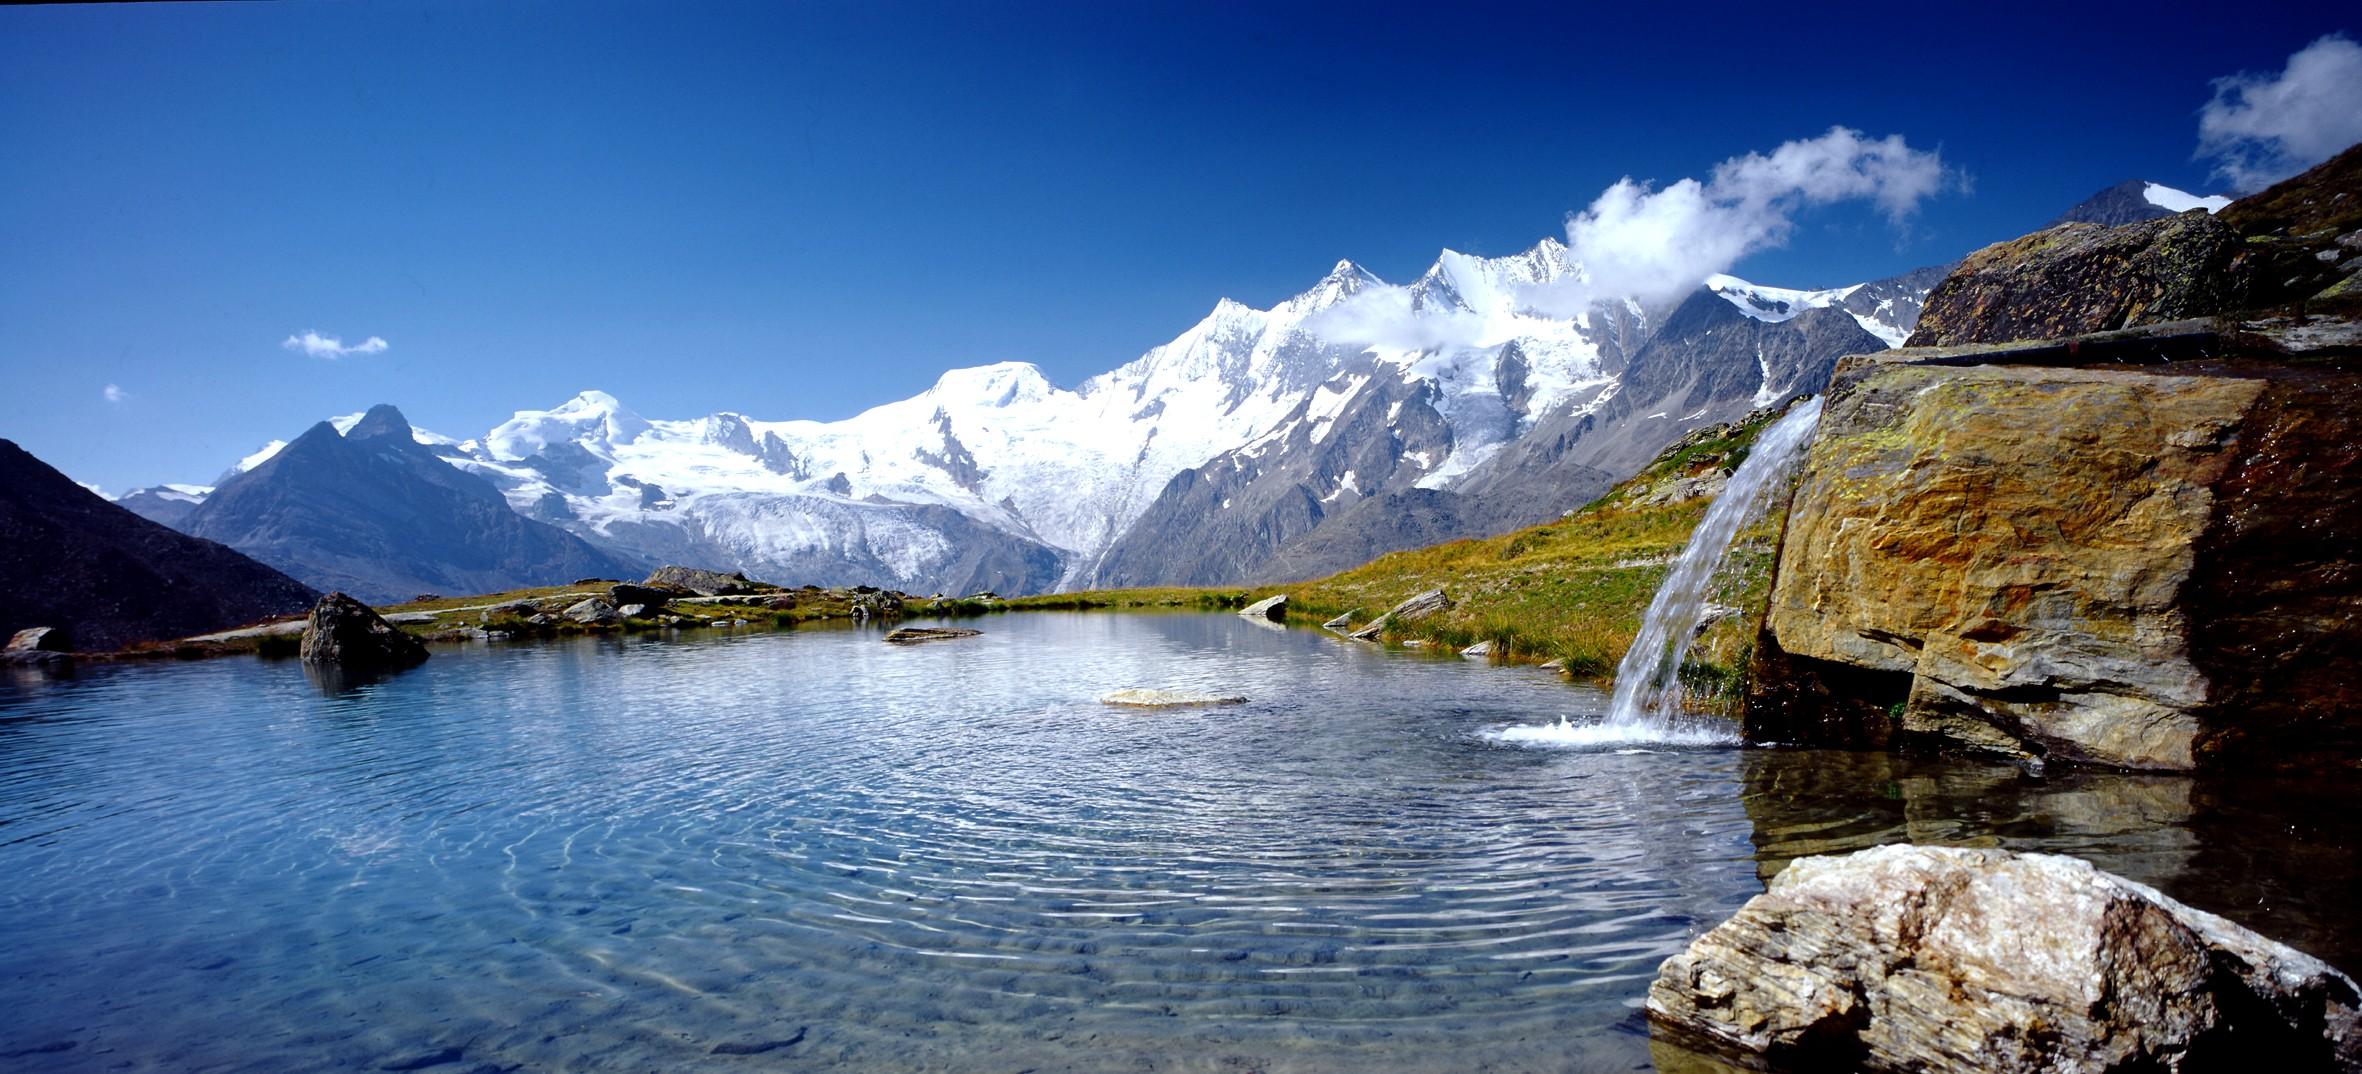 Švýcarsko, Saas Fee